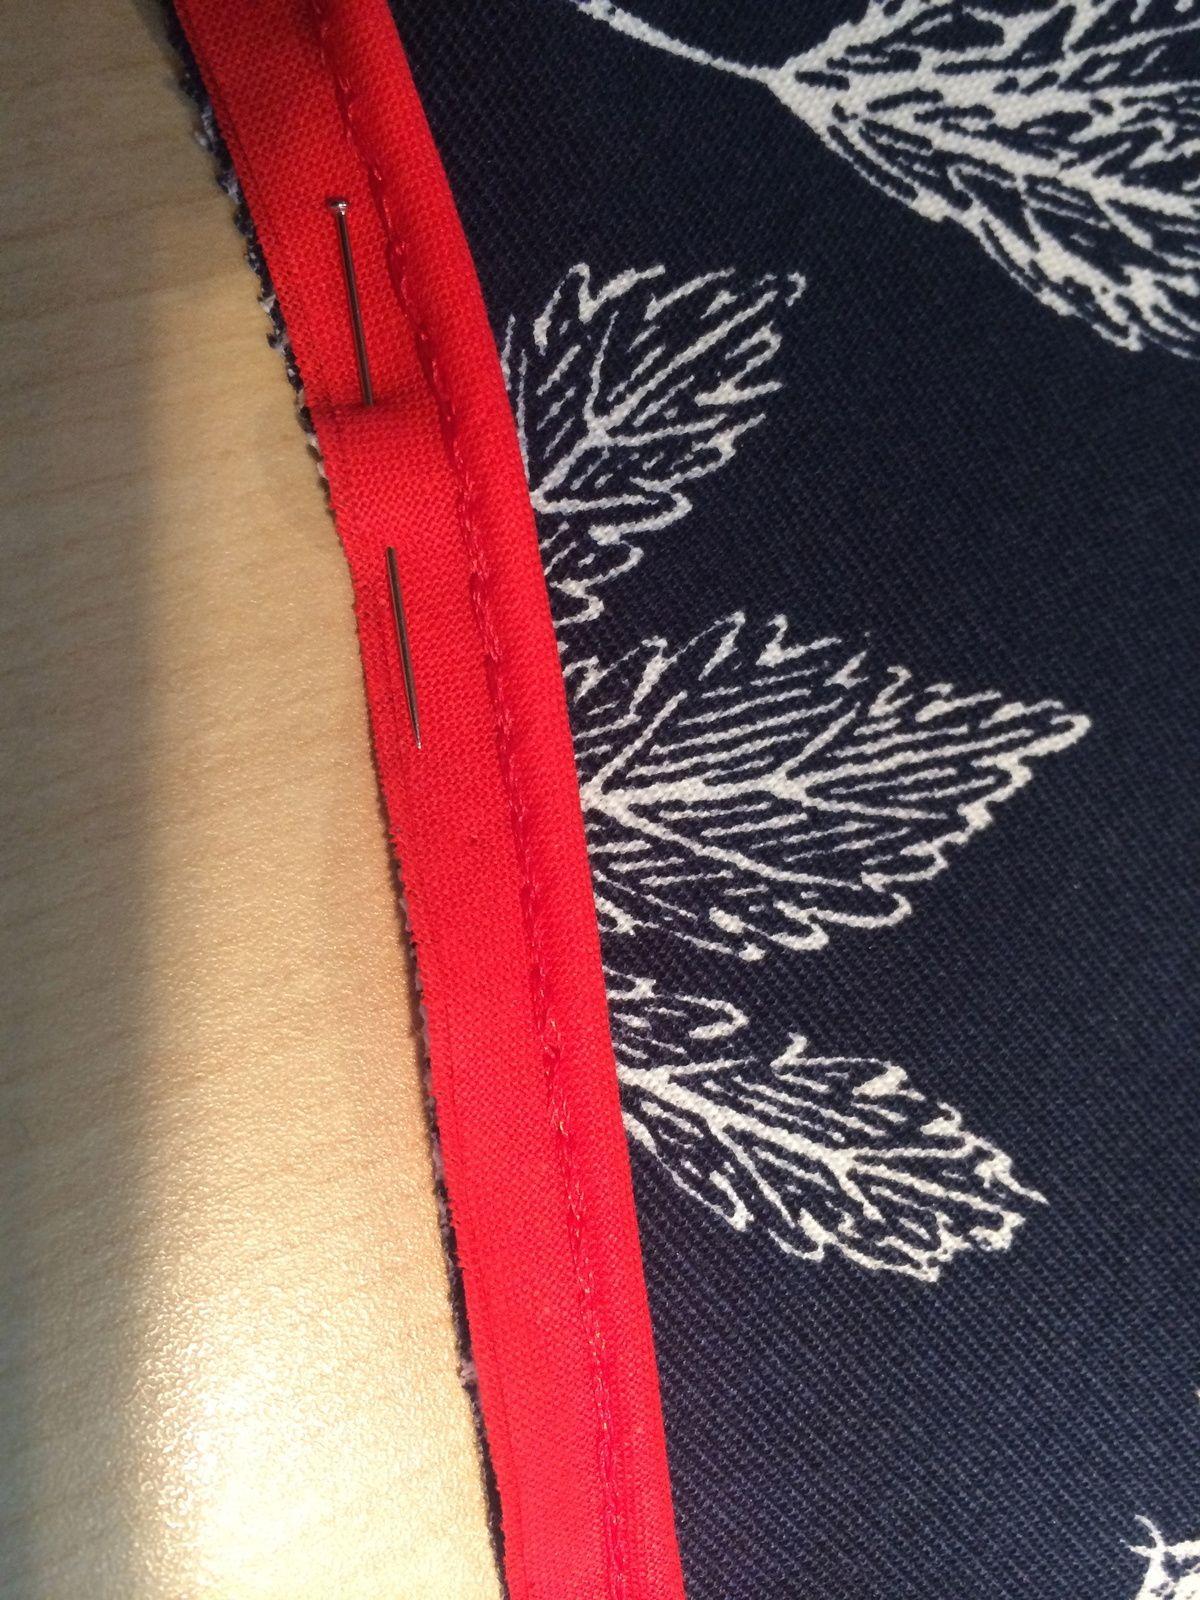 tuto comment poser du passepoil couture trucs et. Black Bedroom Furniture Sets. Home Design Ideas